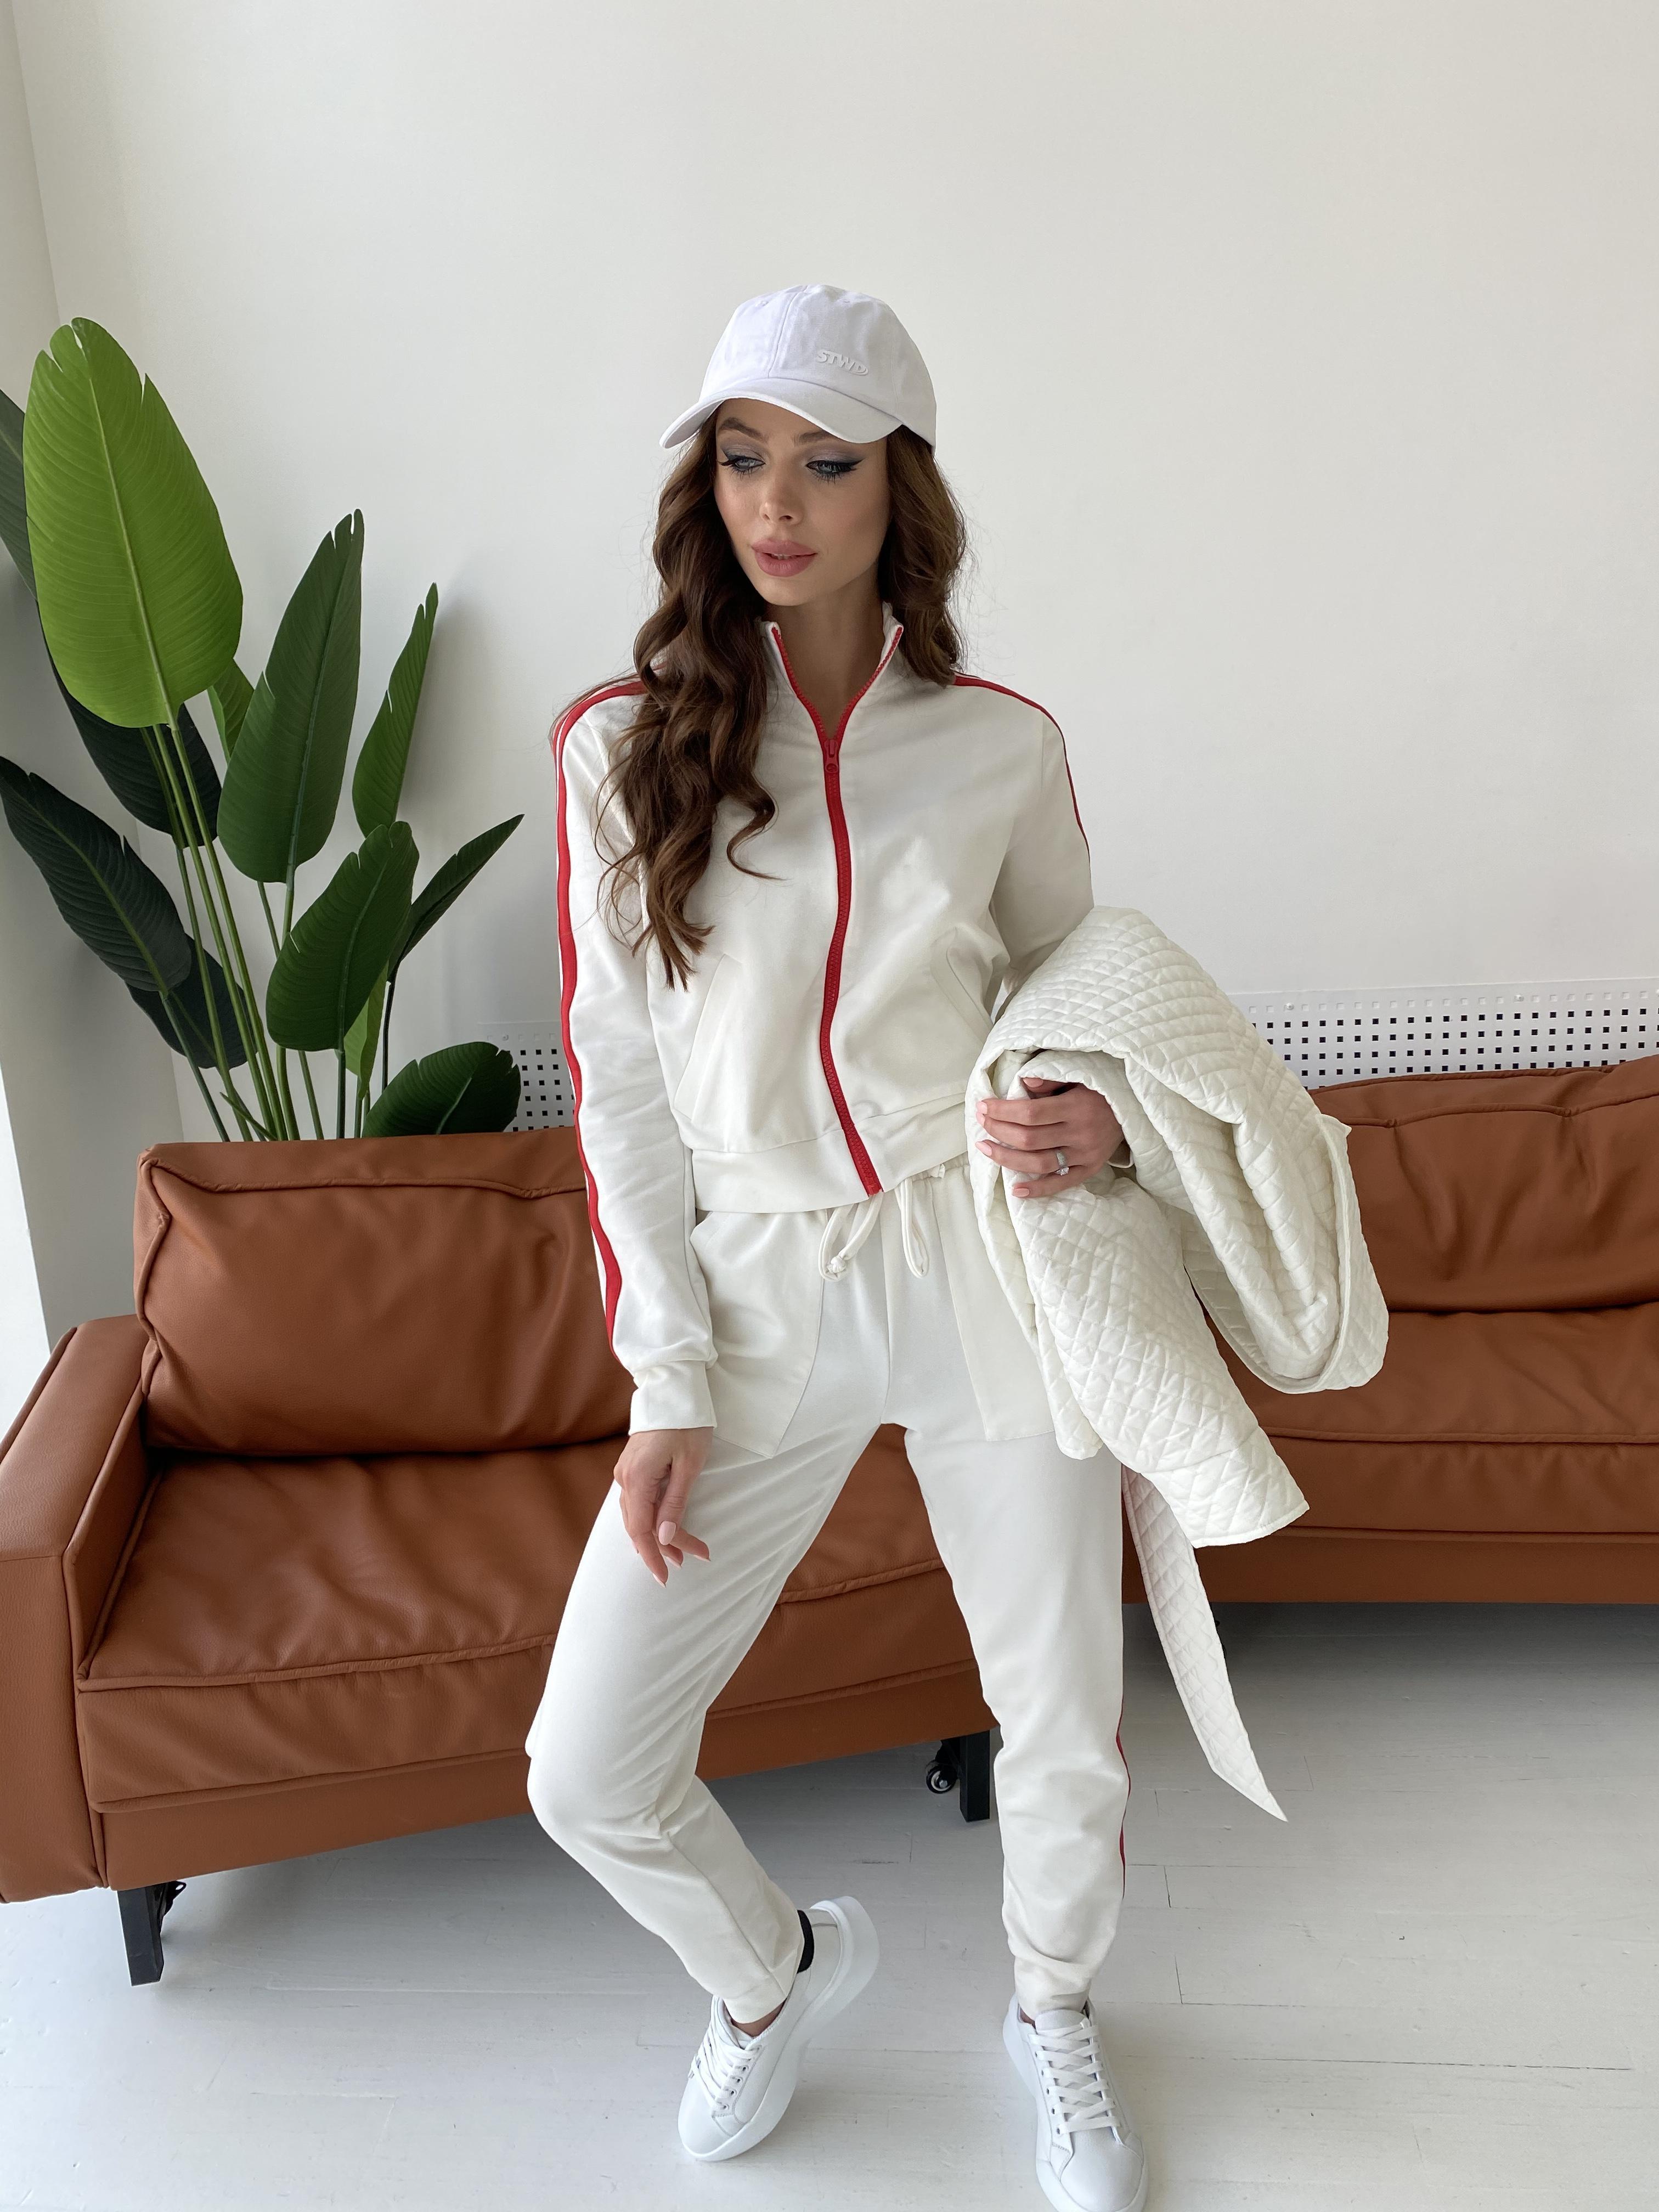 Камон костюм трикотажный из двунитки  9333 АРТ. 45761 Цвет: Молоко/красный - фото 3, интернет магазин tm-modus.ru